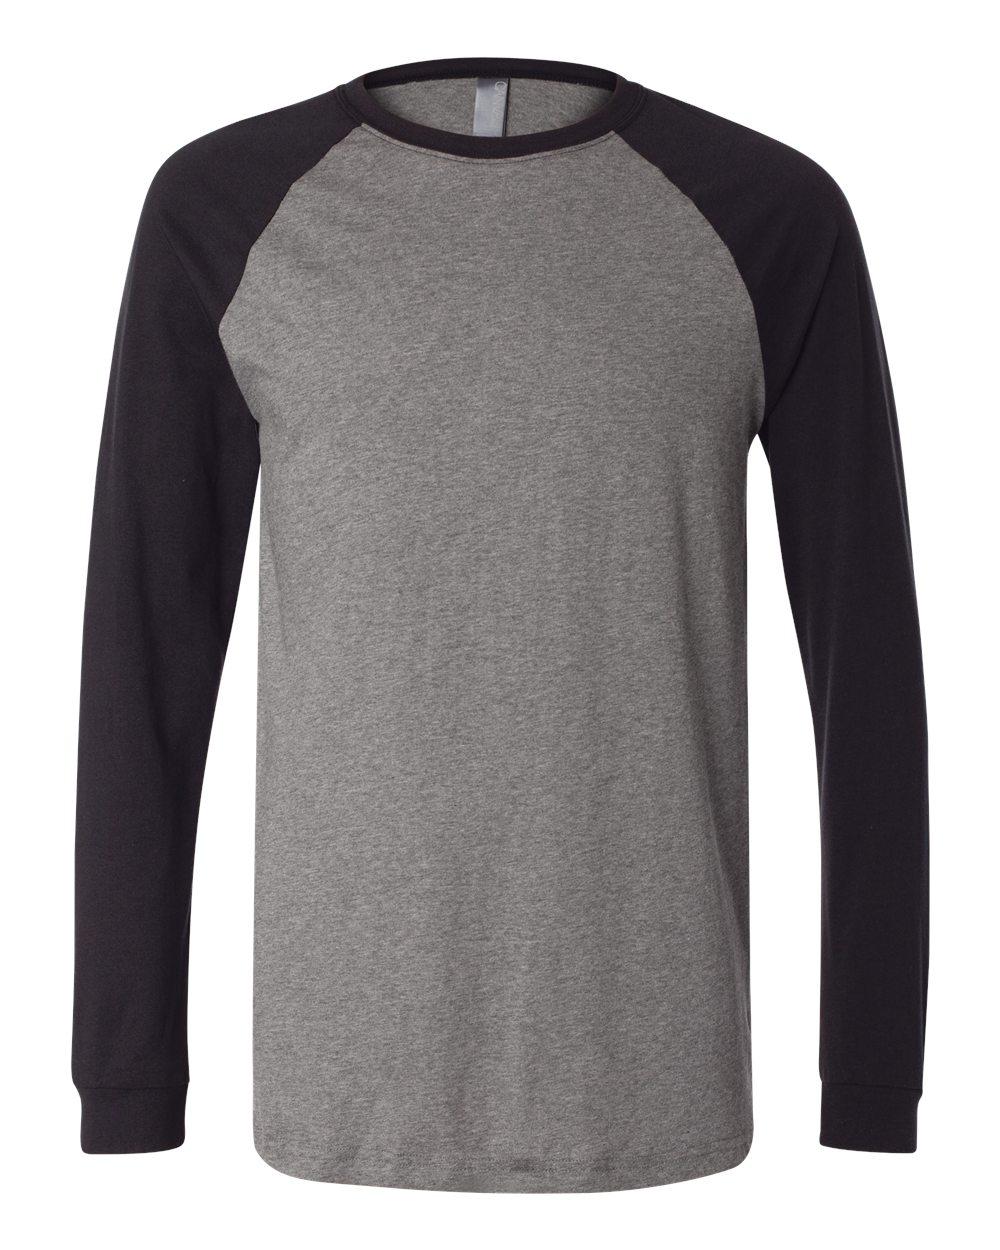 bellacanvas 3000 long sleeve baseball jersey t shirt needen usa